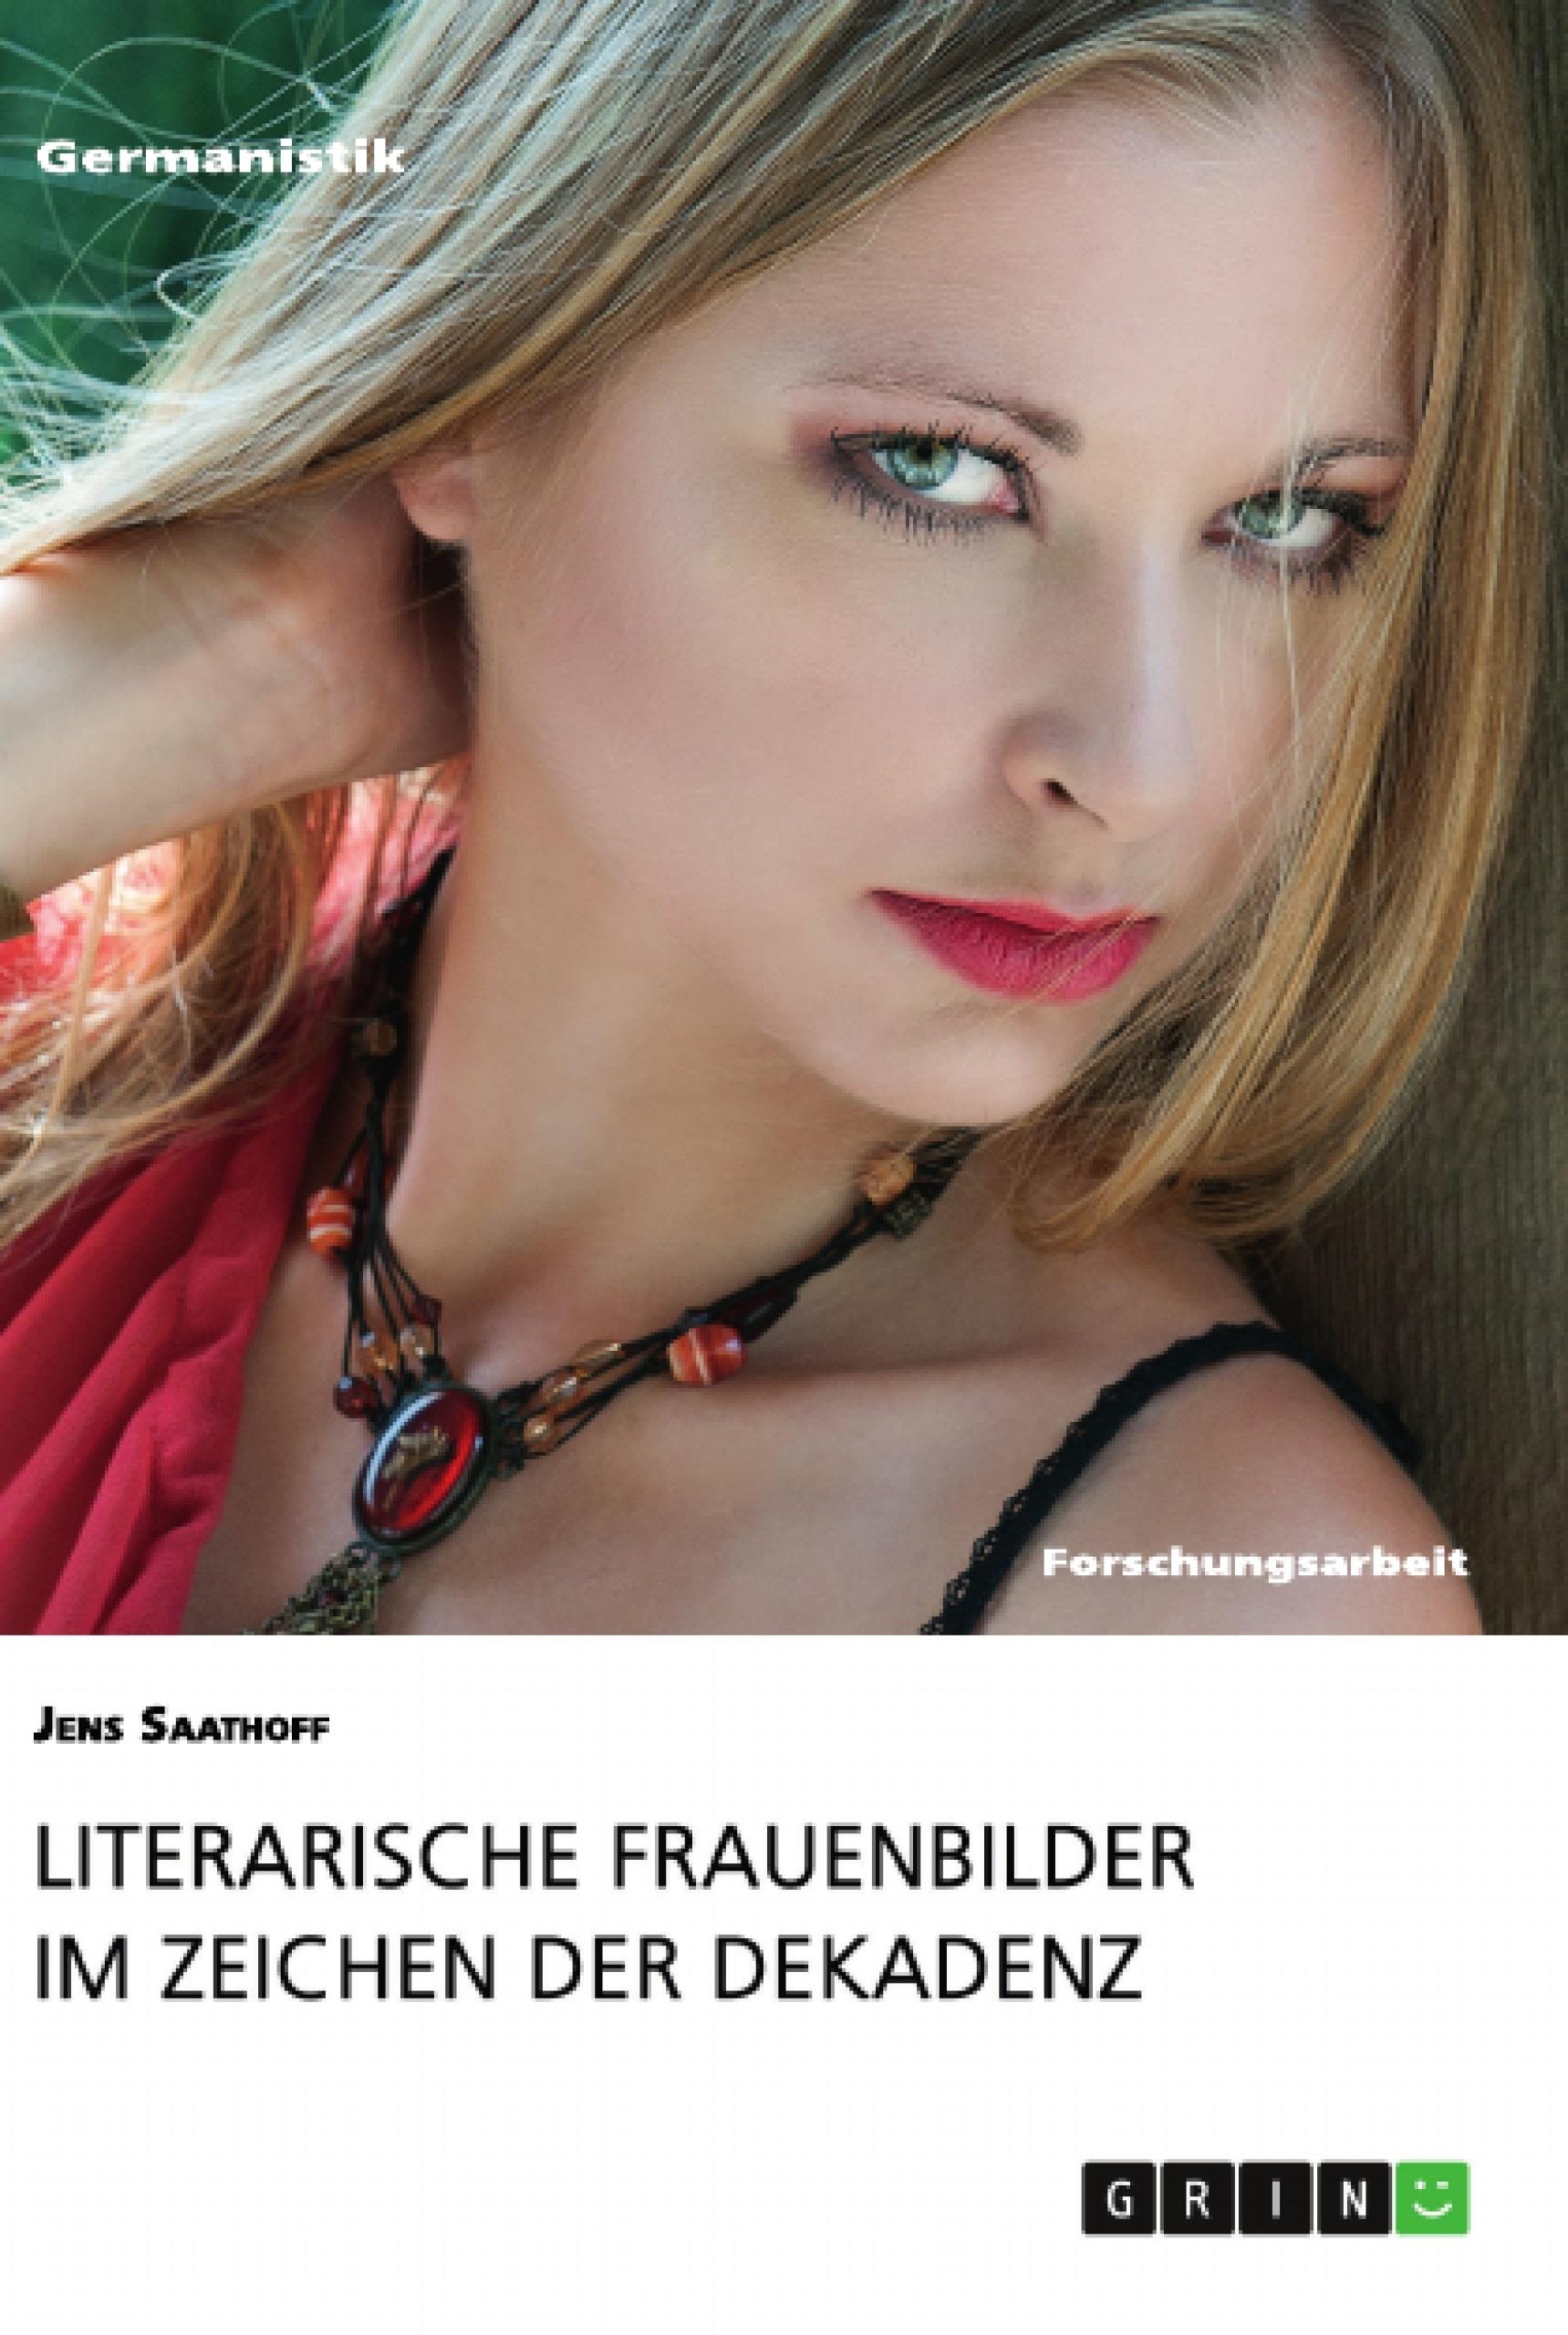 Literarische Frauenbilder im Zeichen der Dekadenz